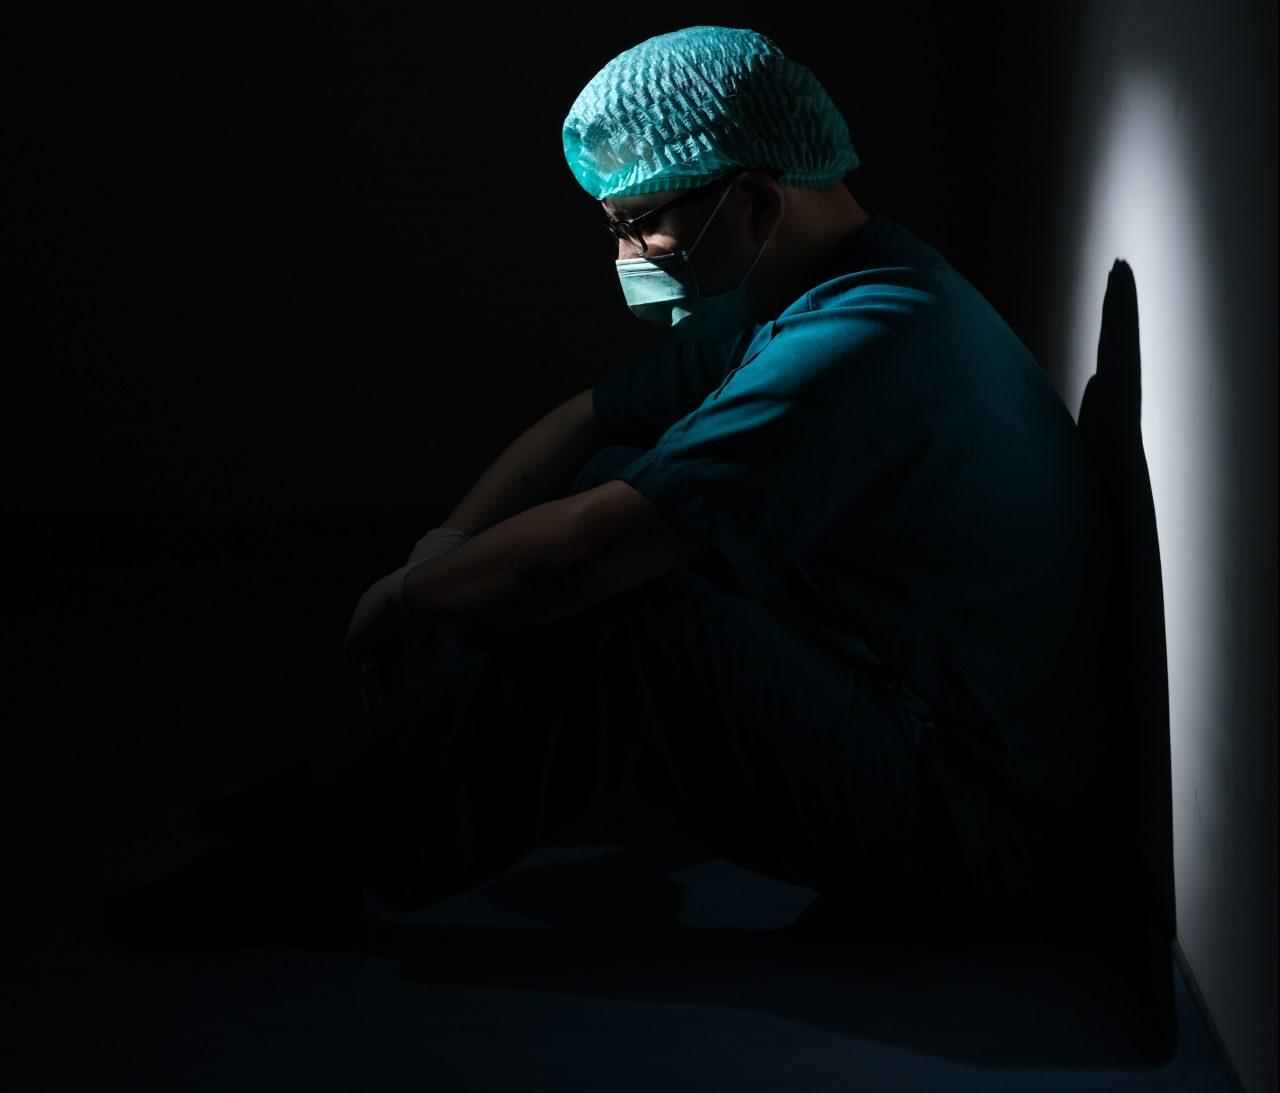 Κορονοϊός: Ανησυχία για τη νέα έξαρση κρουσμάτων, το 4ο κύμα, οι φόβοι των λοιμωξιολόγων